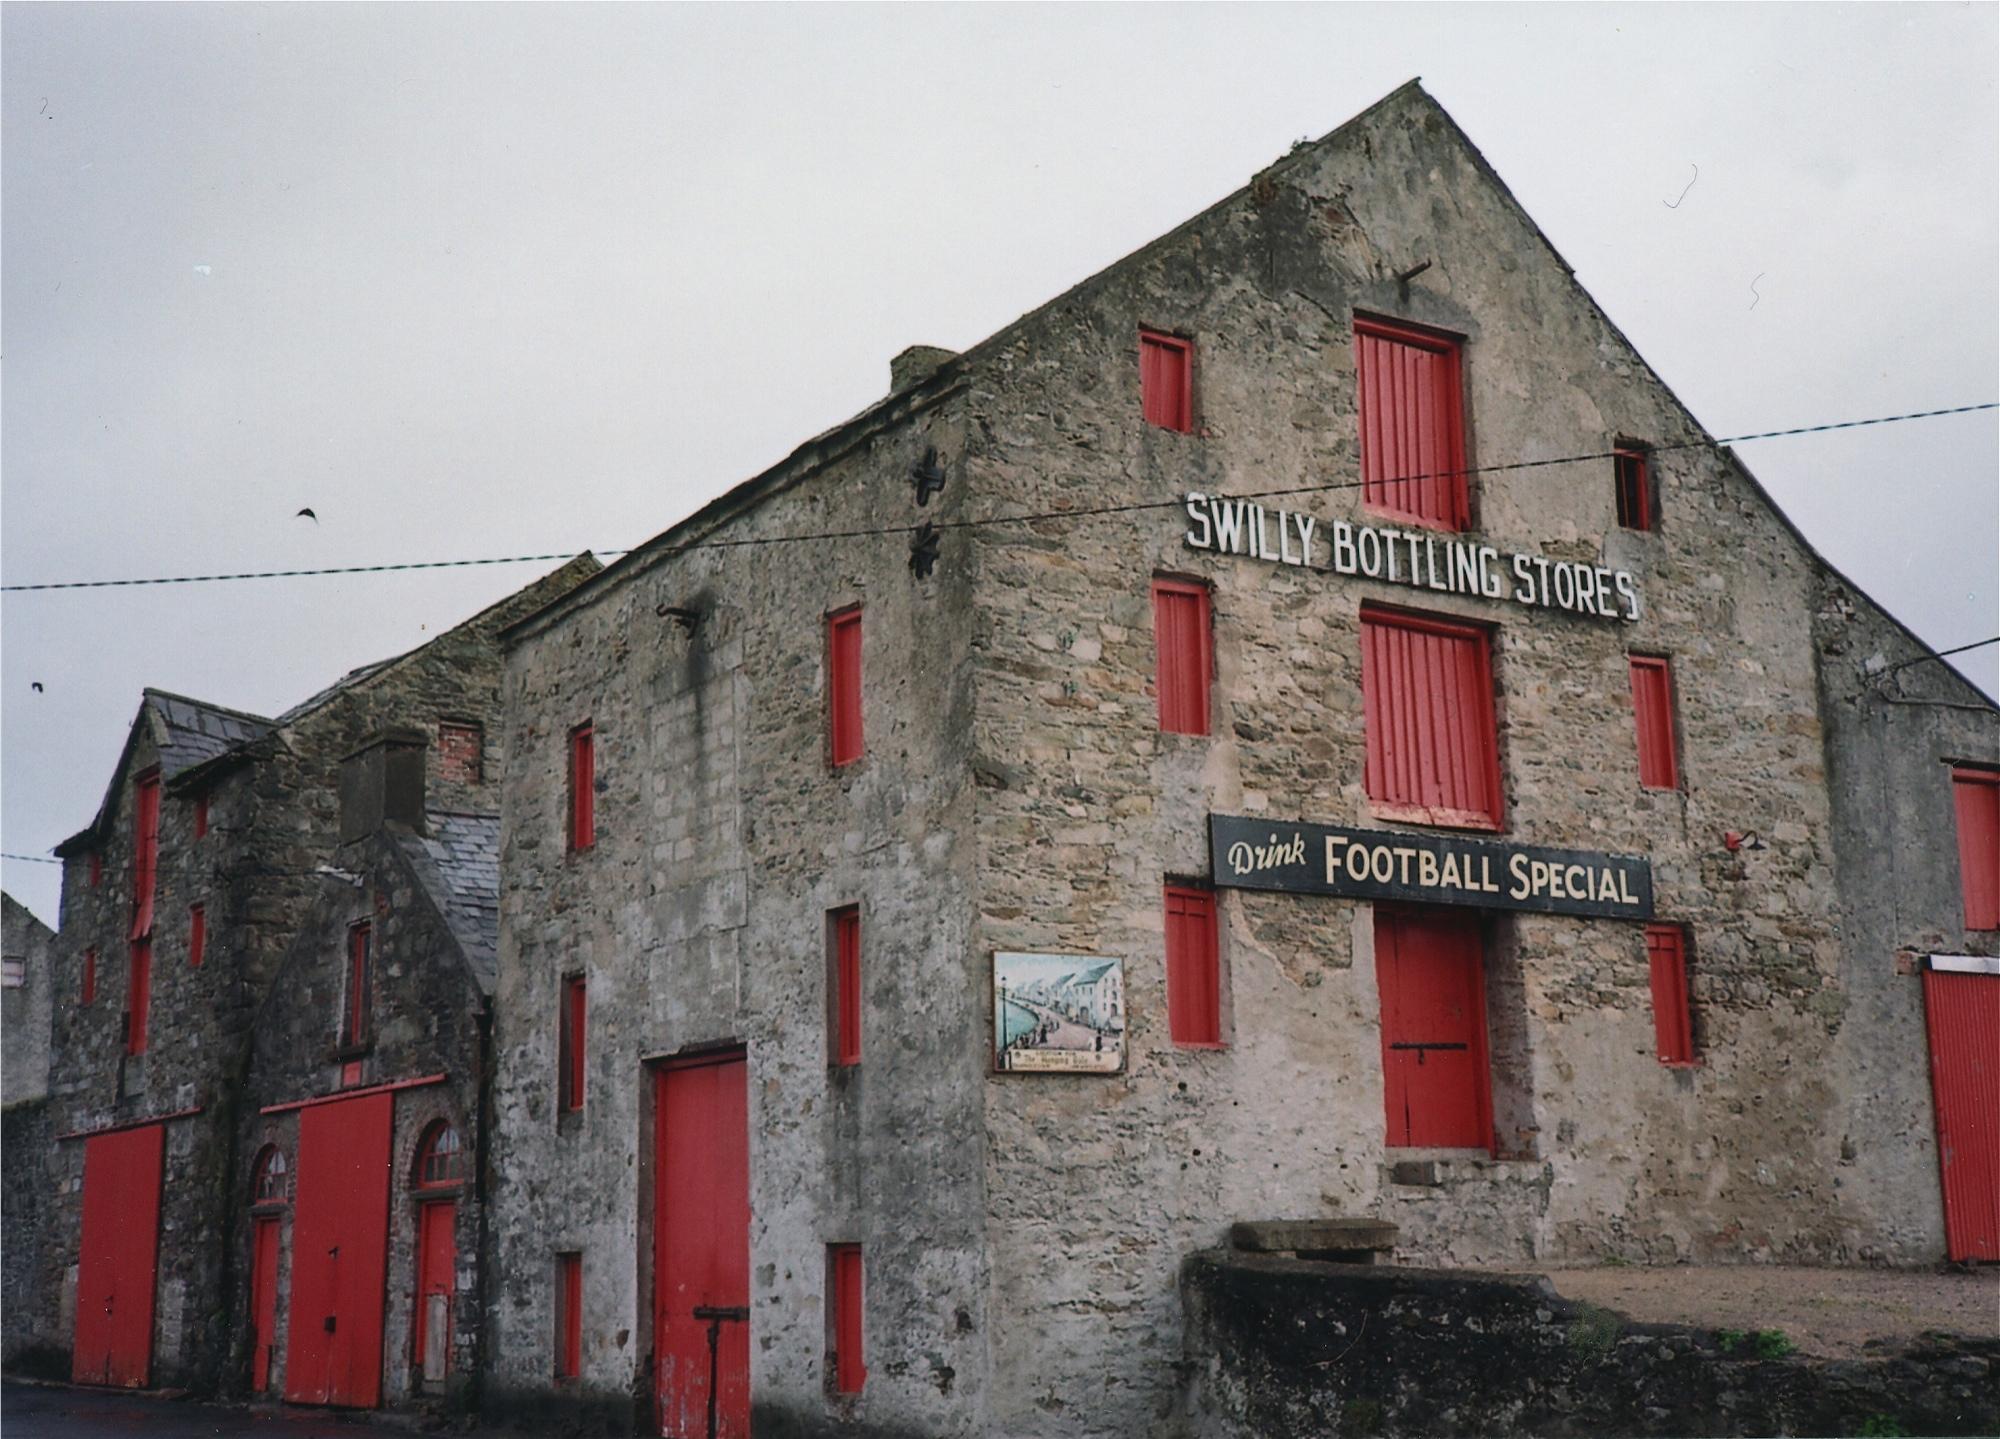 地ビールの倉庫 ラスマフレン、ドニゴール州、アイルランド